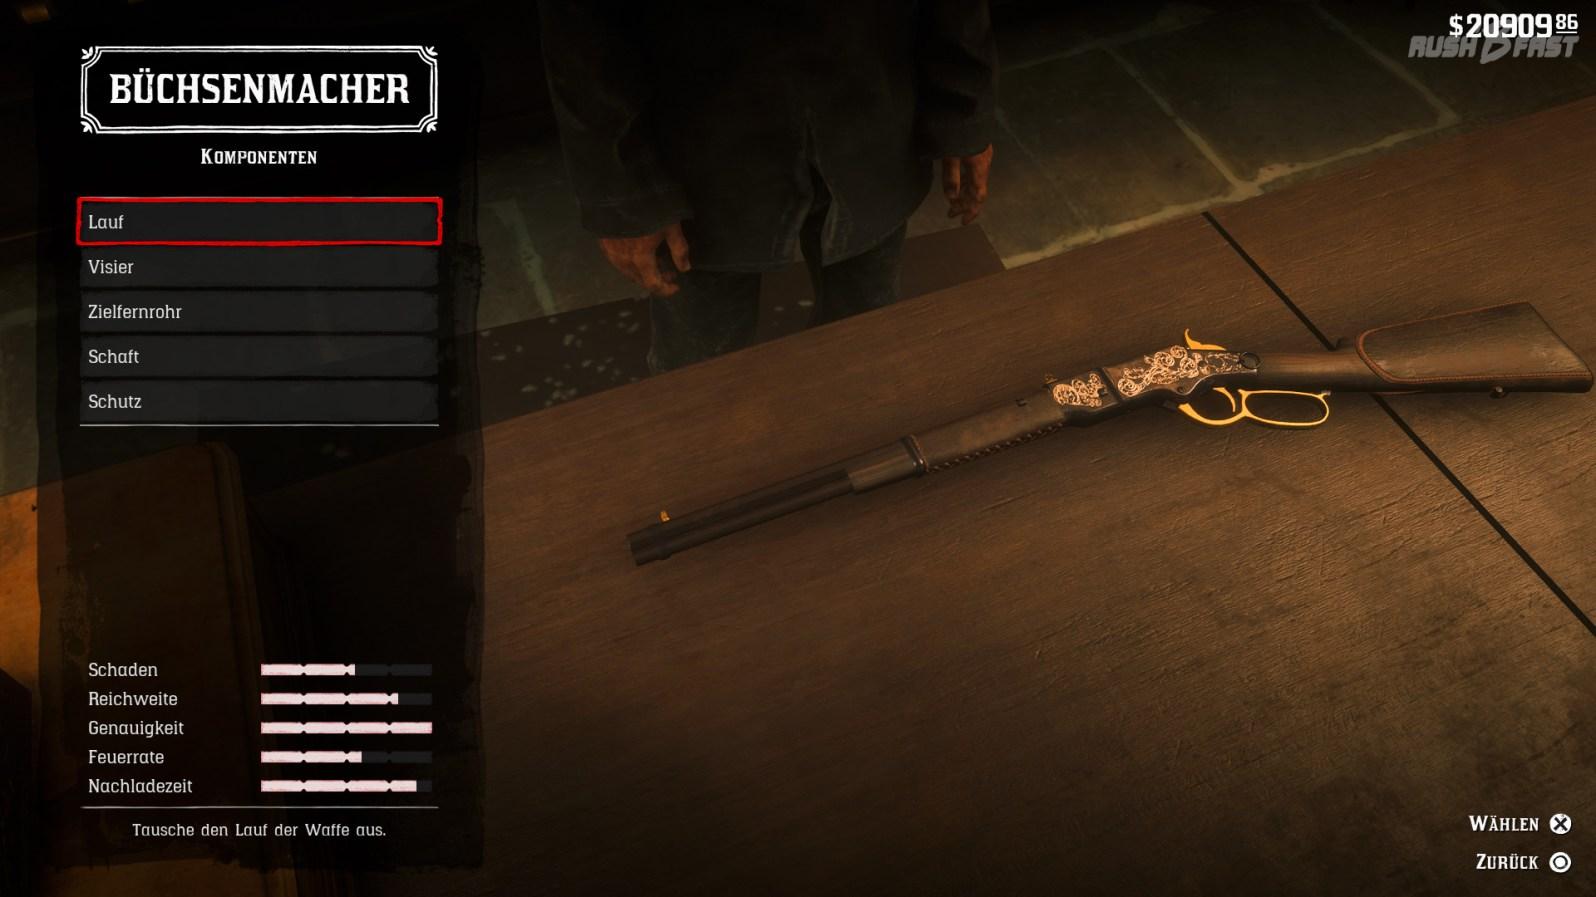 Red Dead Redemption 2: Waffenupgrades und Waffenpflege können wir beim Büchsenmacher erwerben.